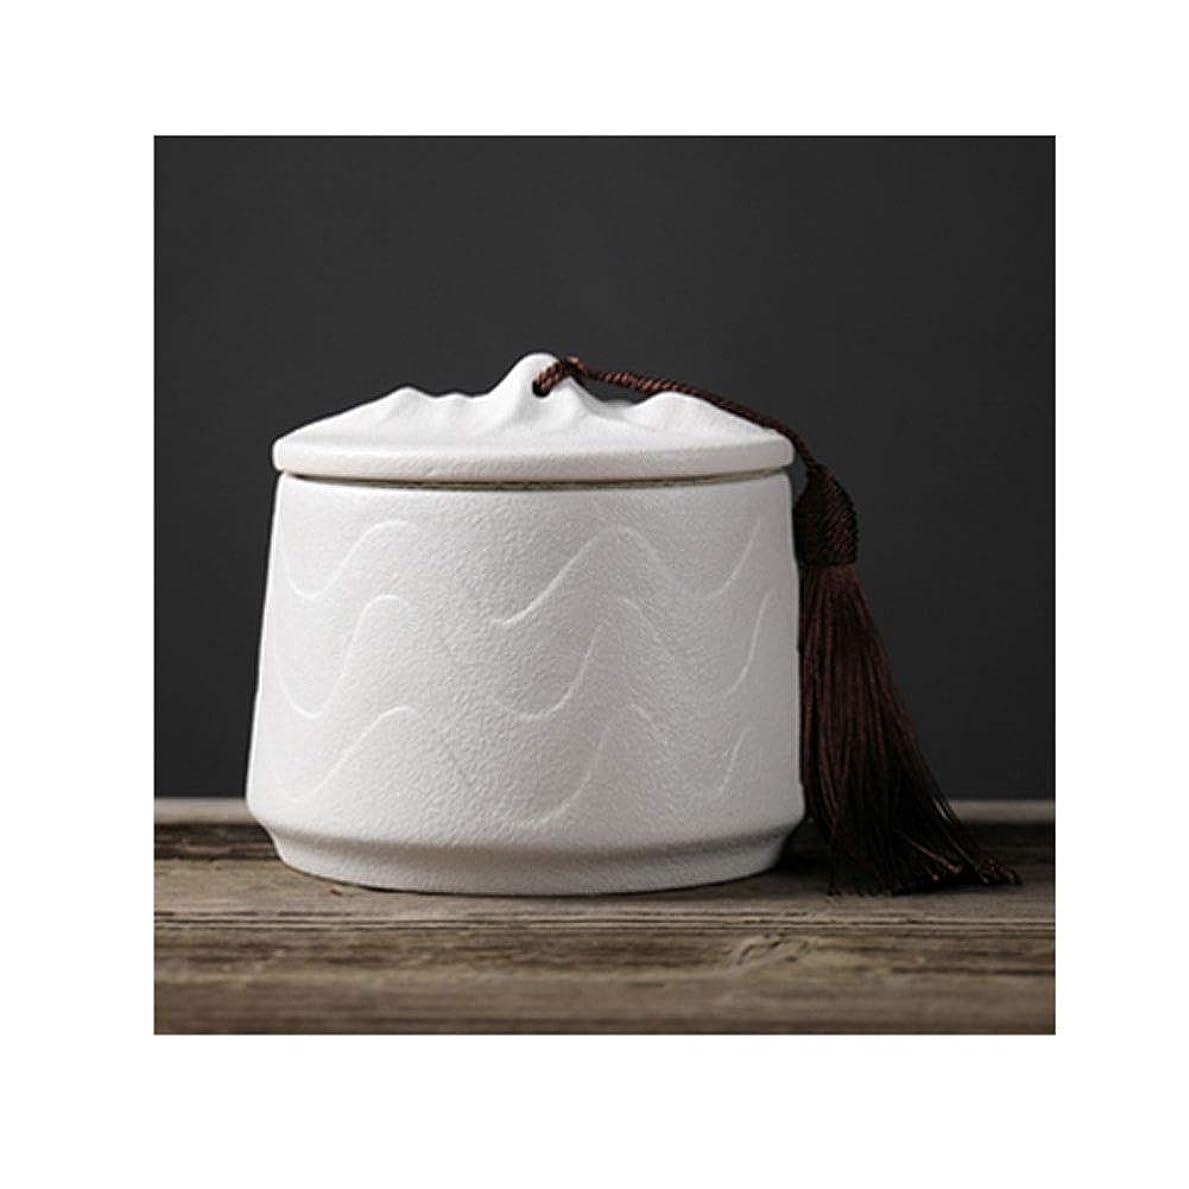 ピストンナットベギンアッシュ缶 骨壷|纳骨壺|分骨壺火葬記念箱強いシールスクラブ織り目加工のセラミック家族のお土産マスストレージ大人やペットの灰 (Color : White)